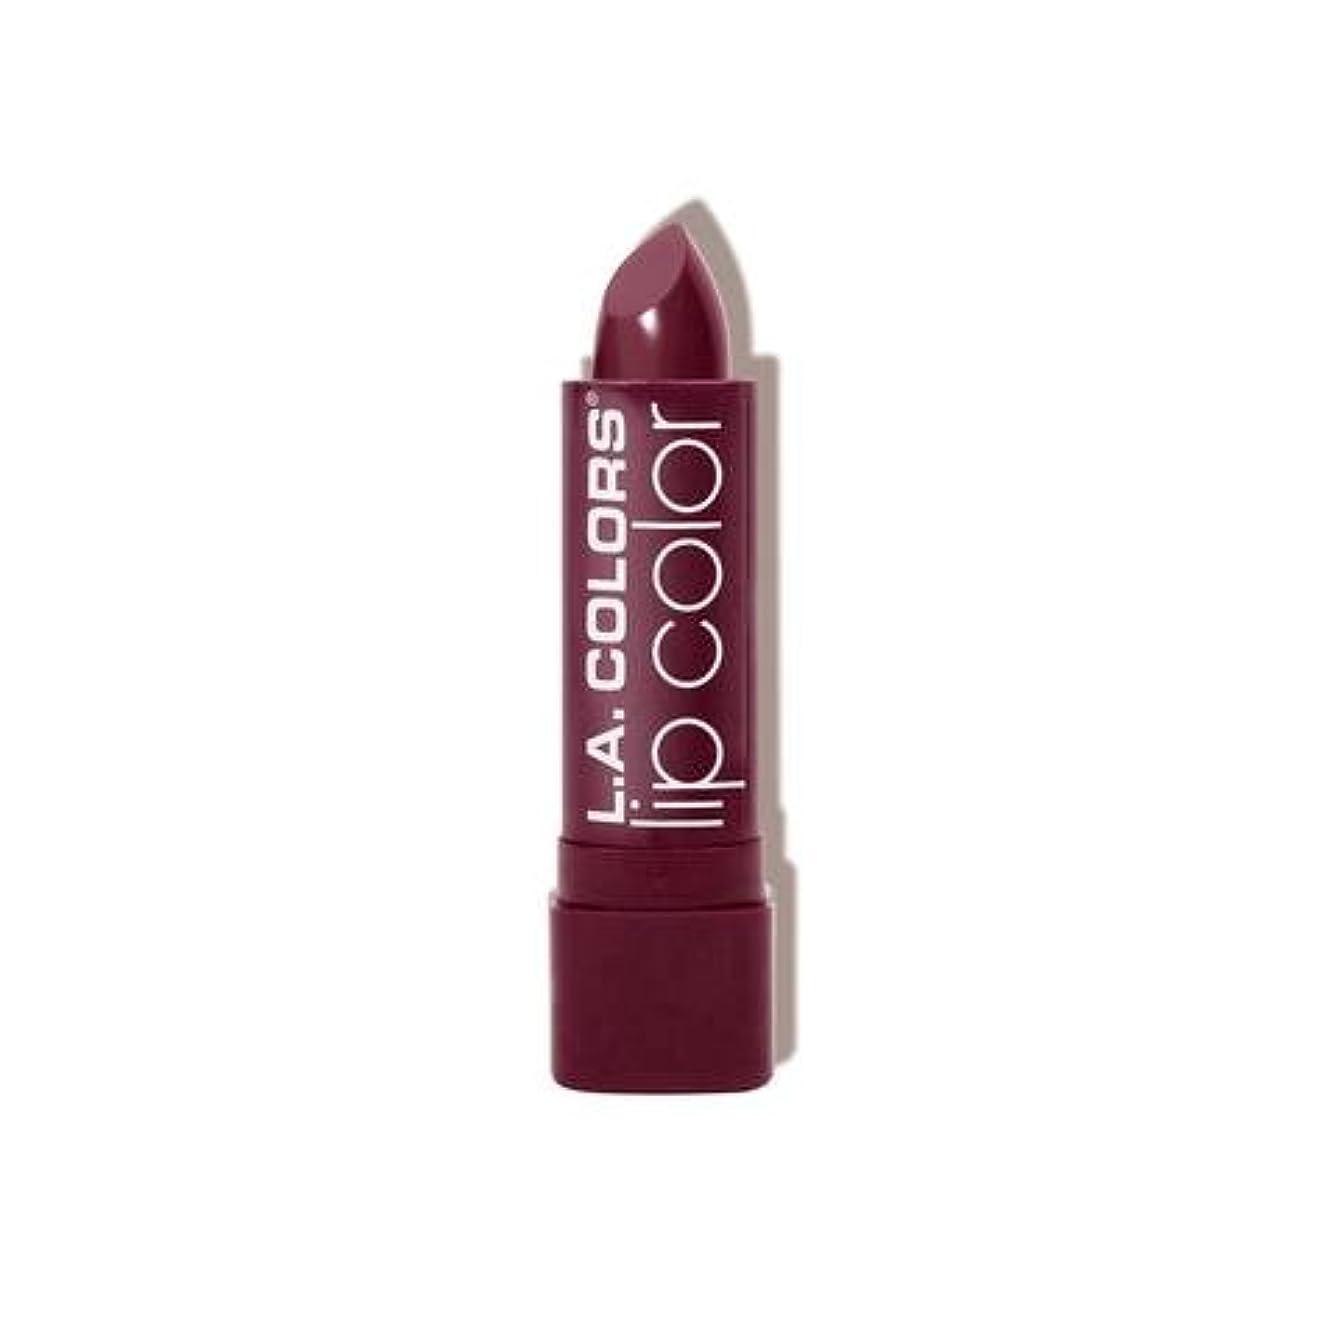 (6 Pack) L.A. COLORS Moisture Rich Lip Color - Precious Plum (並行輸入品)